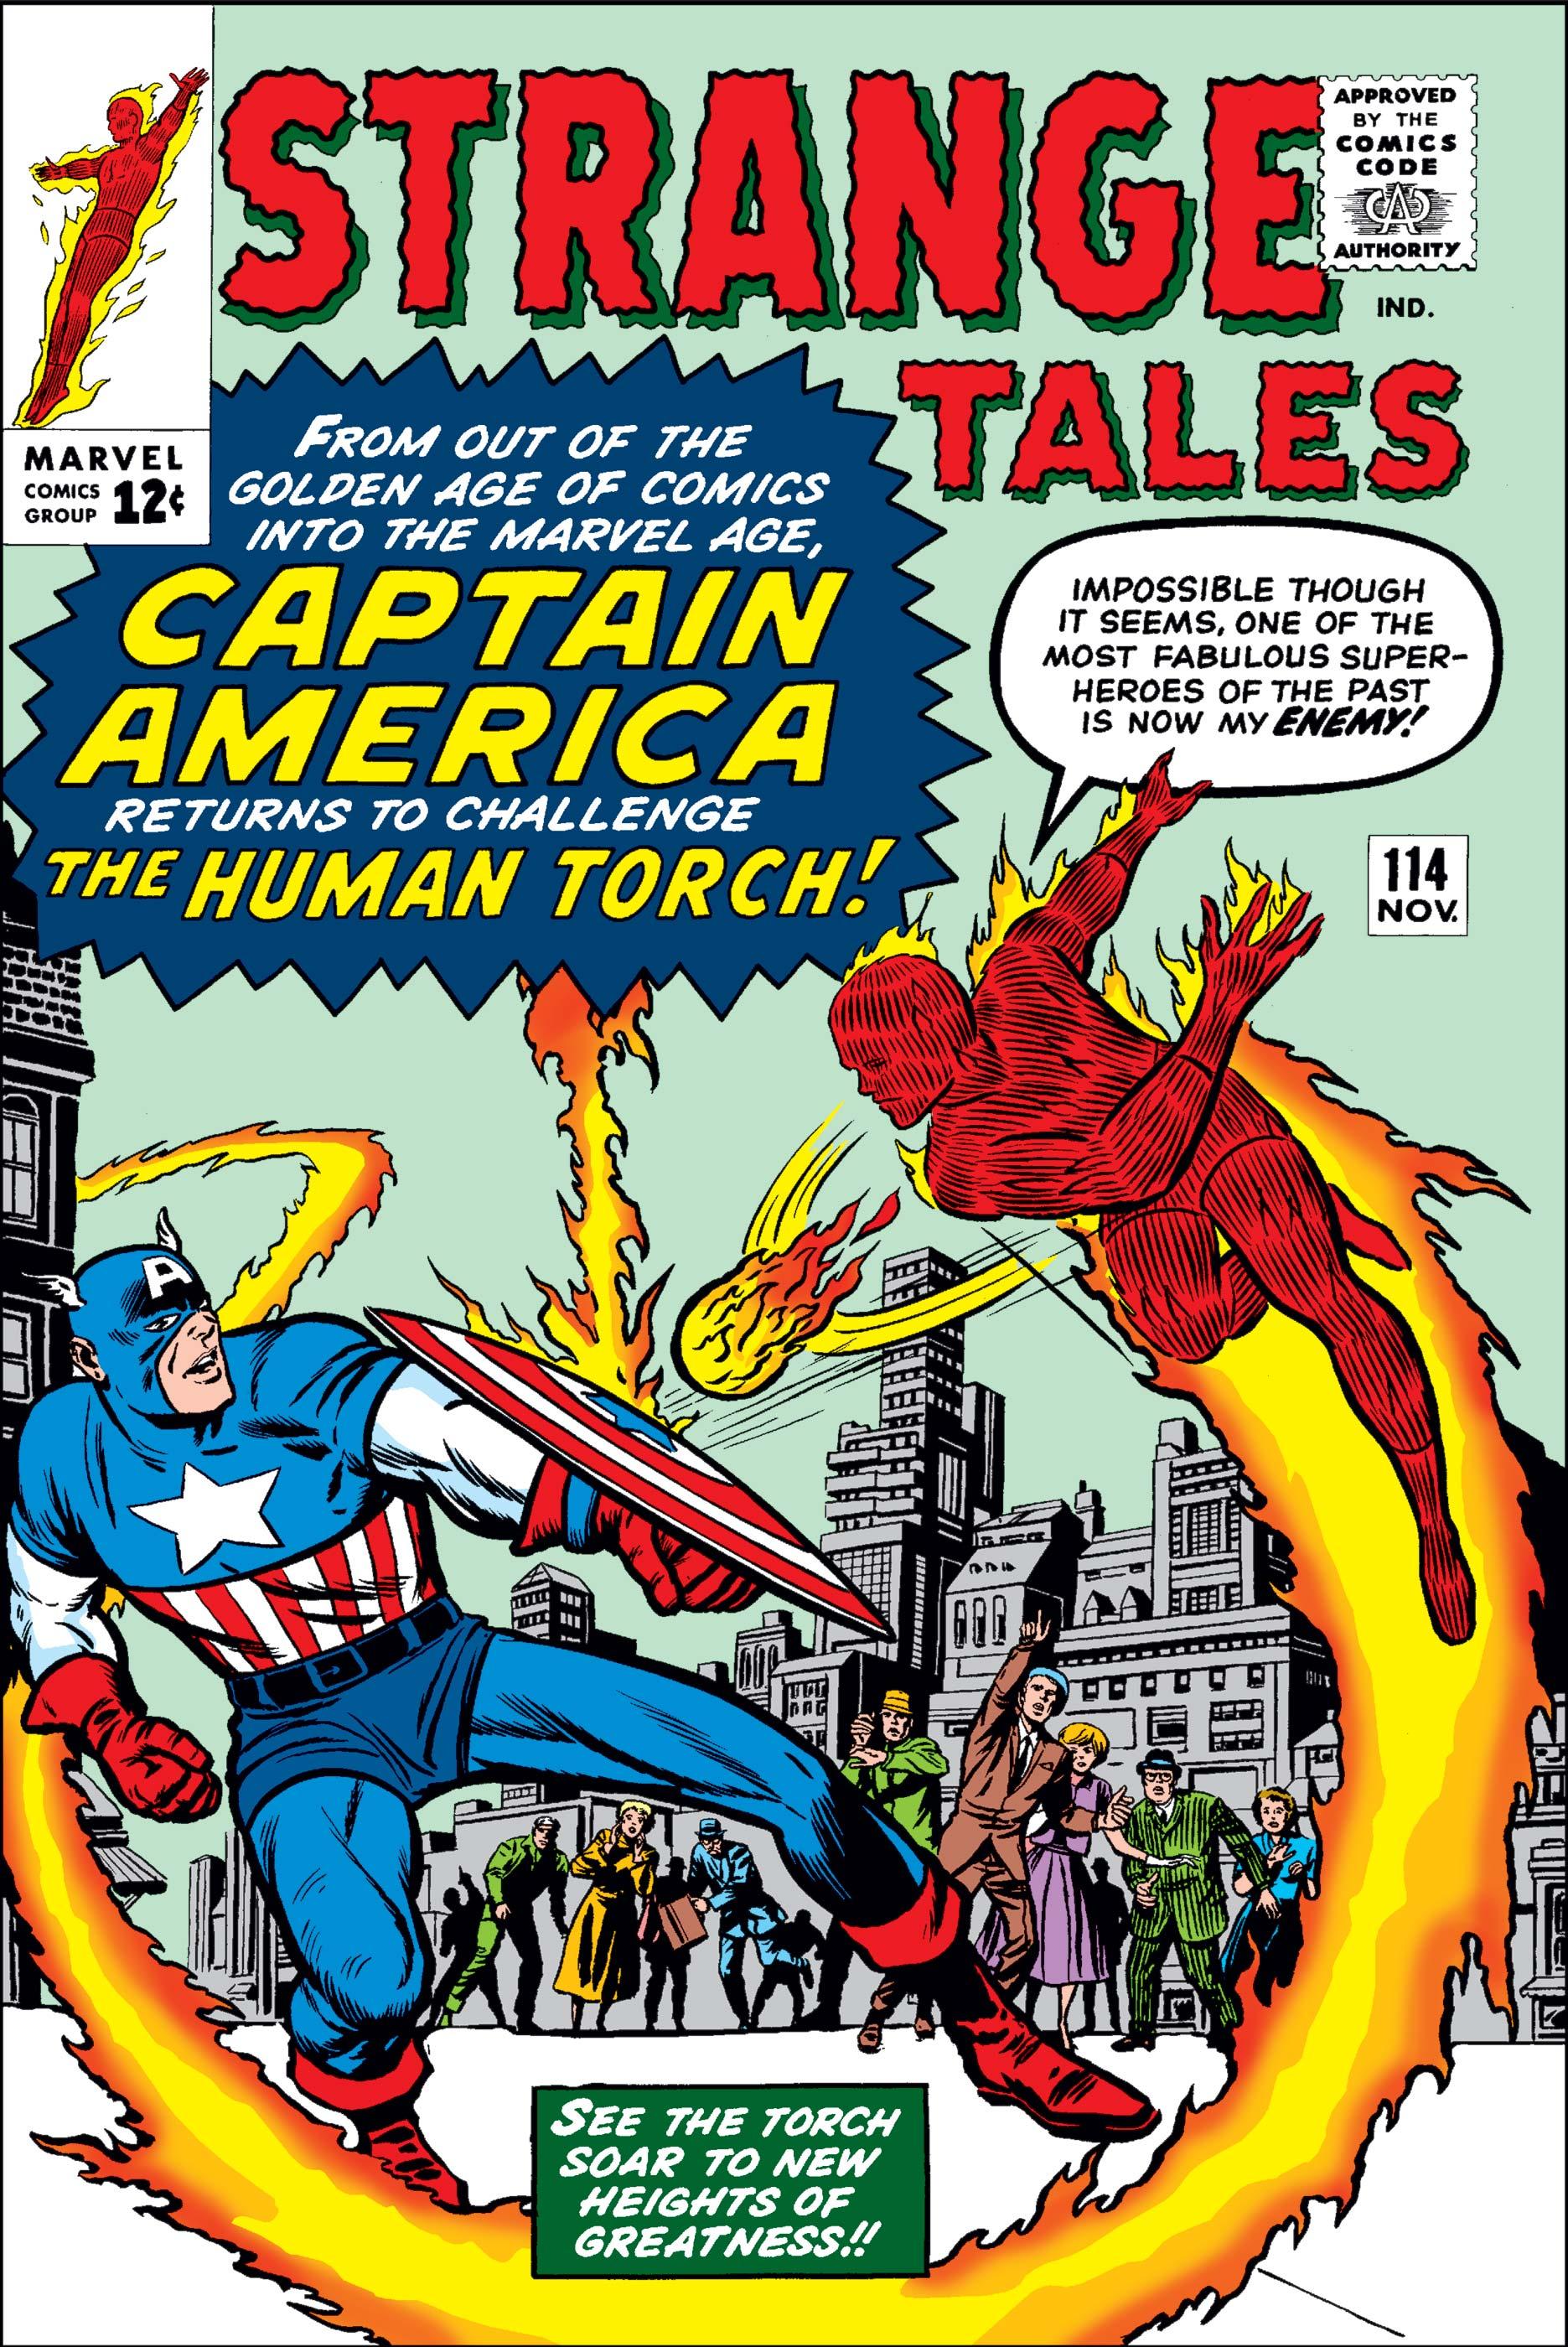 Strange Tales (1951) #114